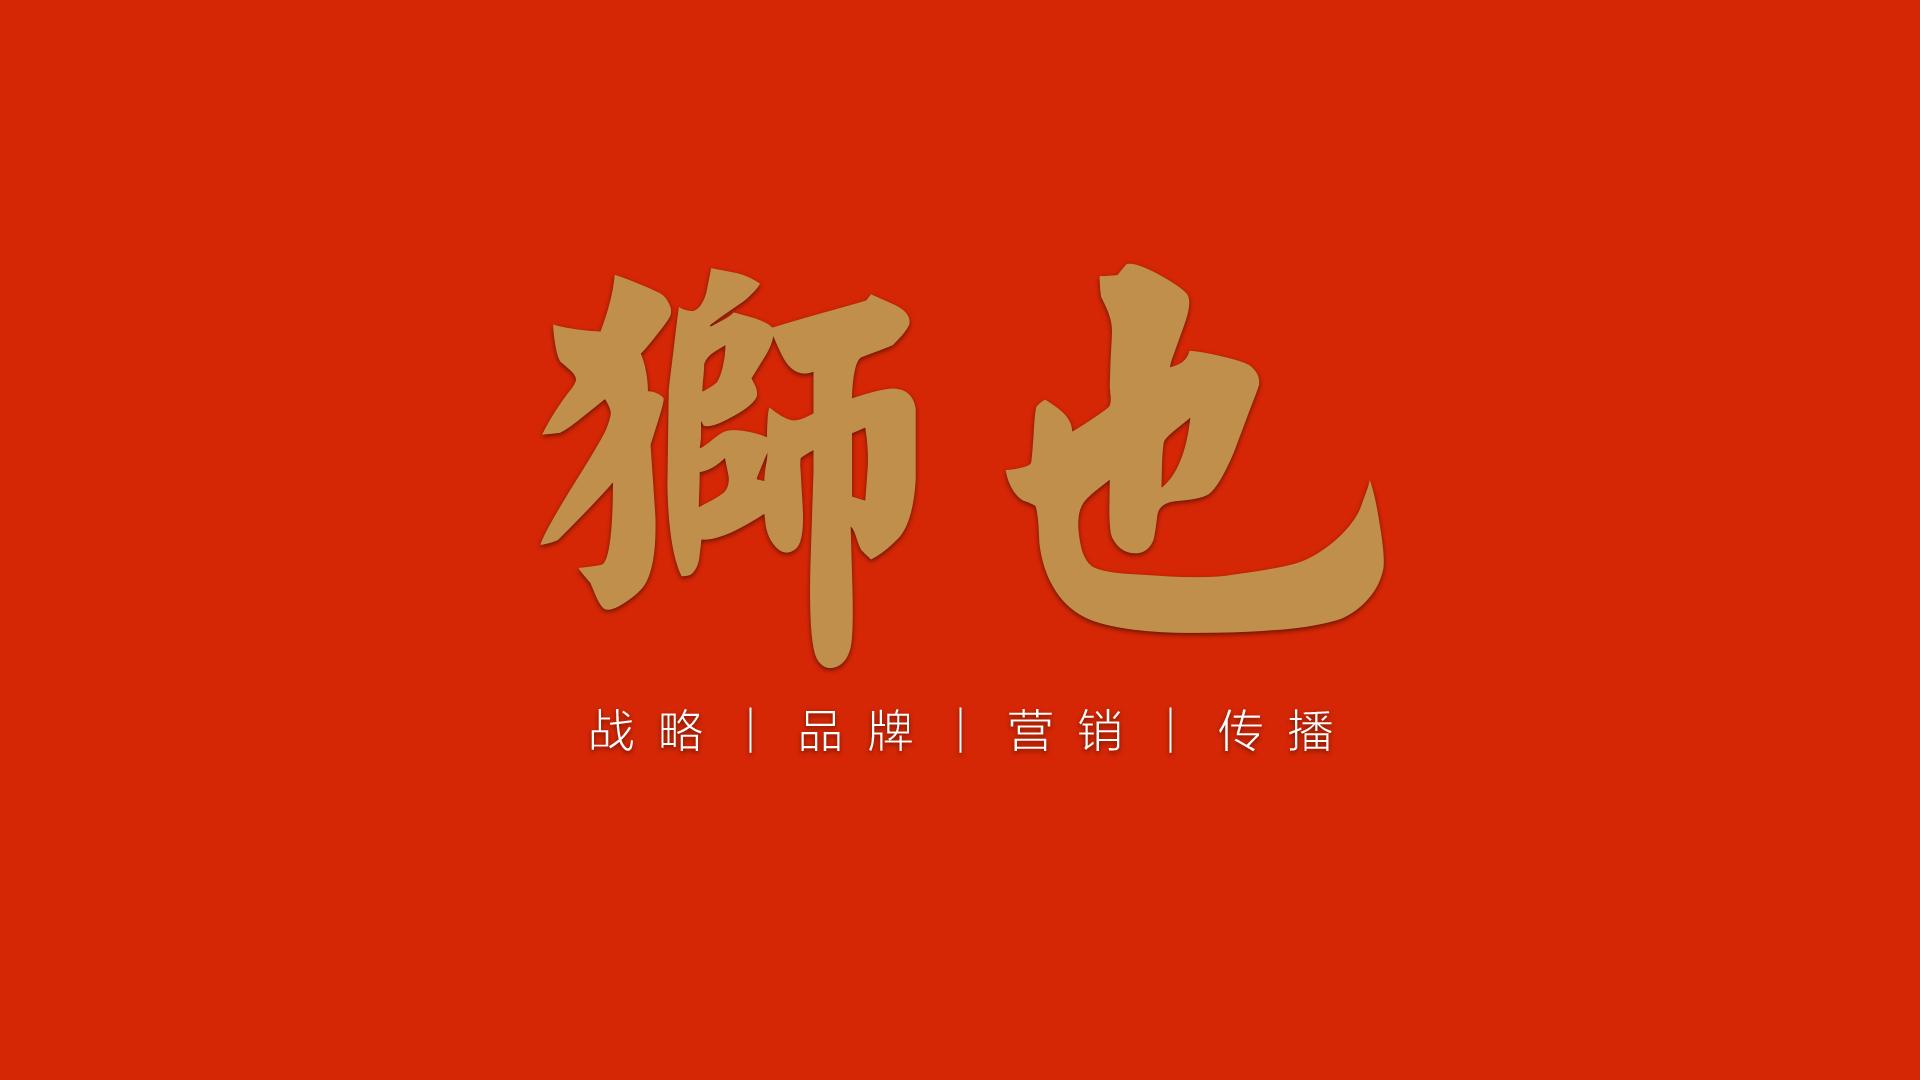 上海营销策划公司—中秋节 新媒体促销活动示例3